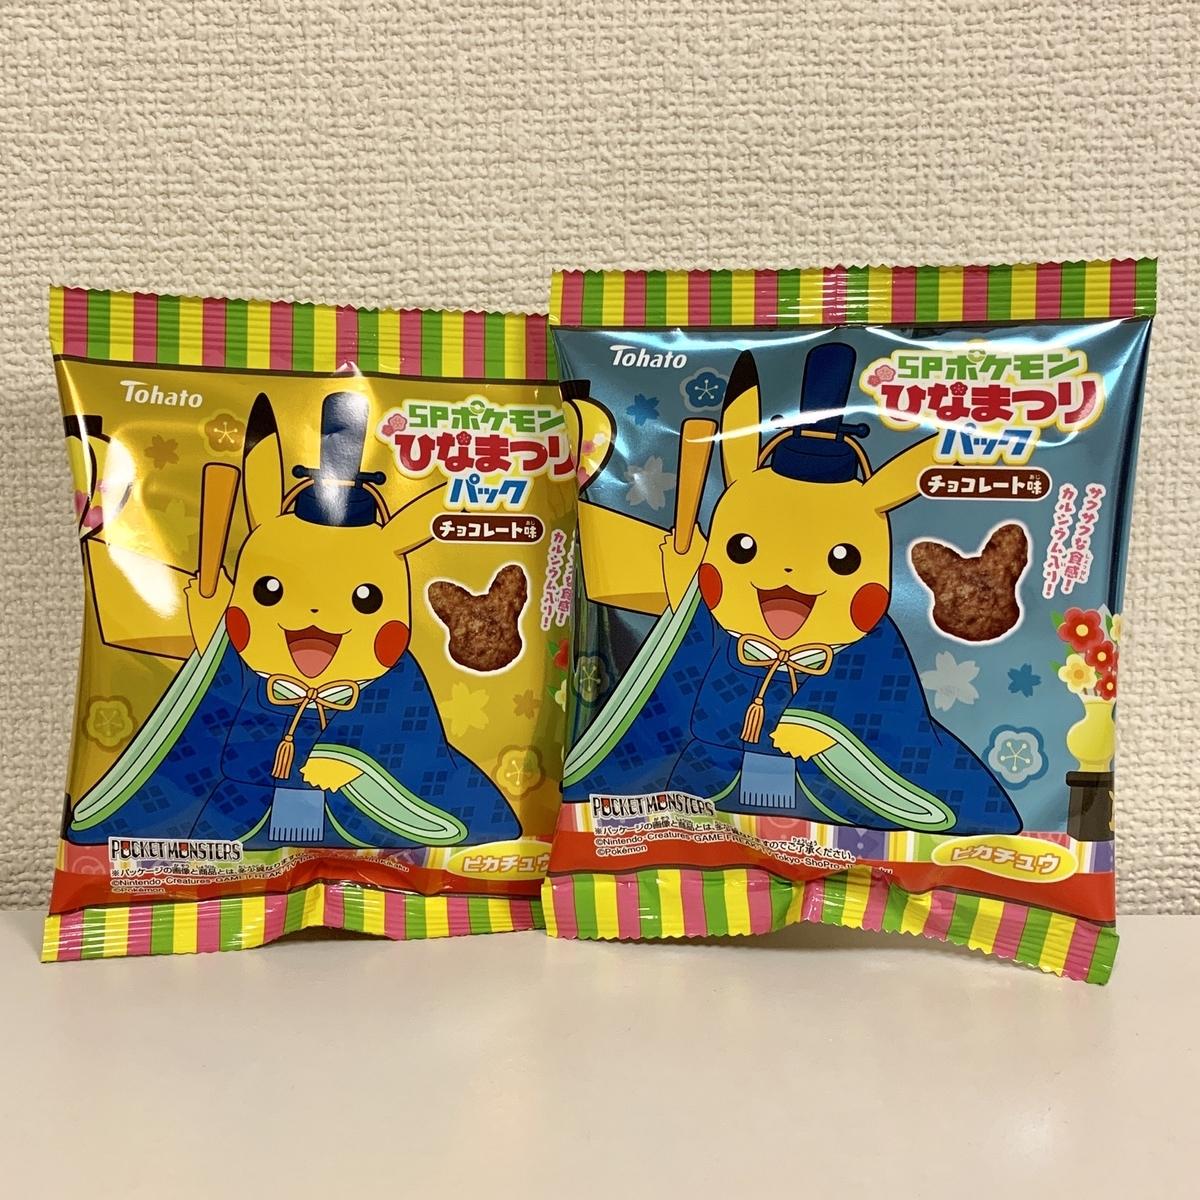 f:id:pikachu_pcn:20200124215727j:plain